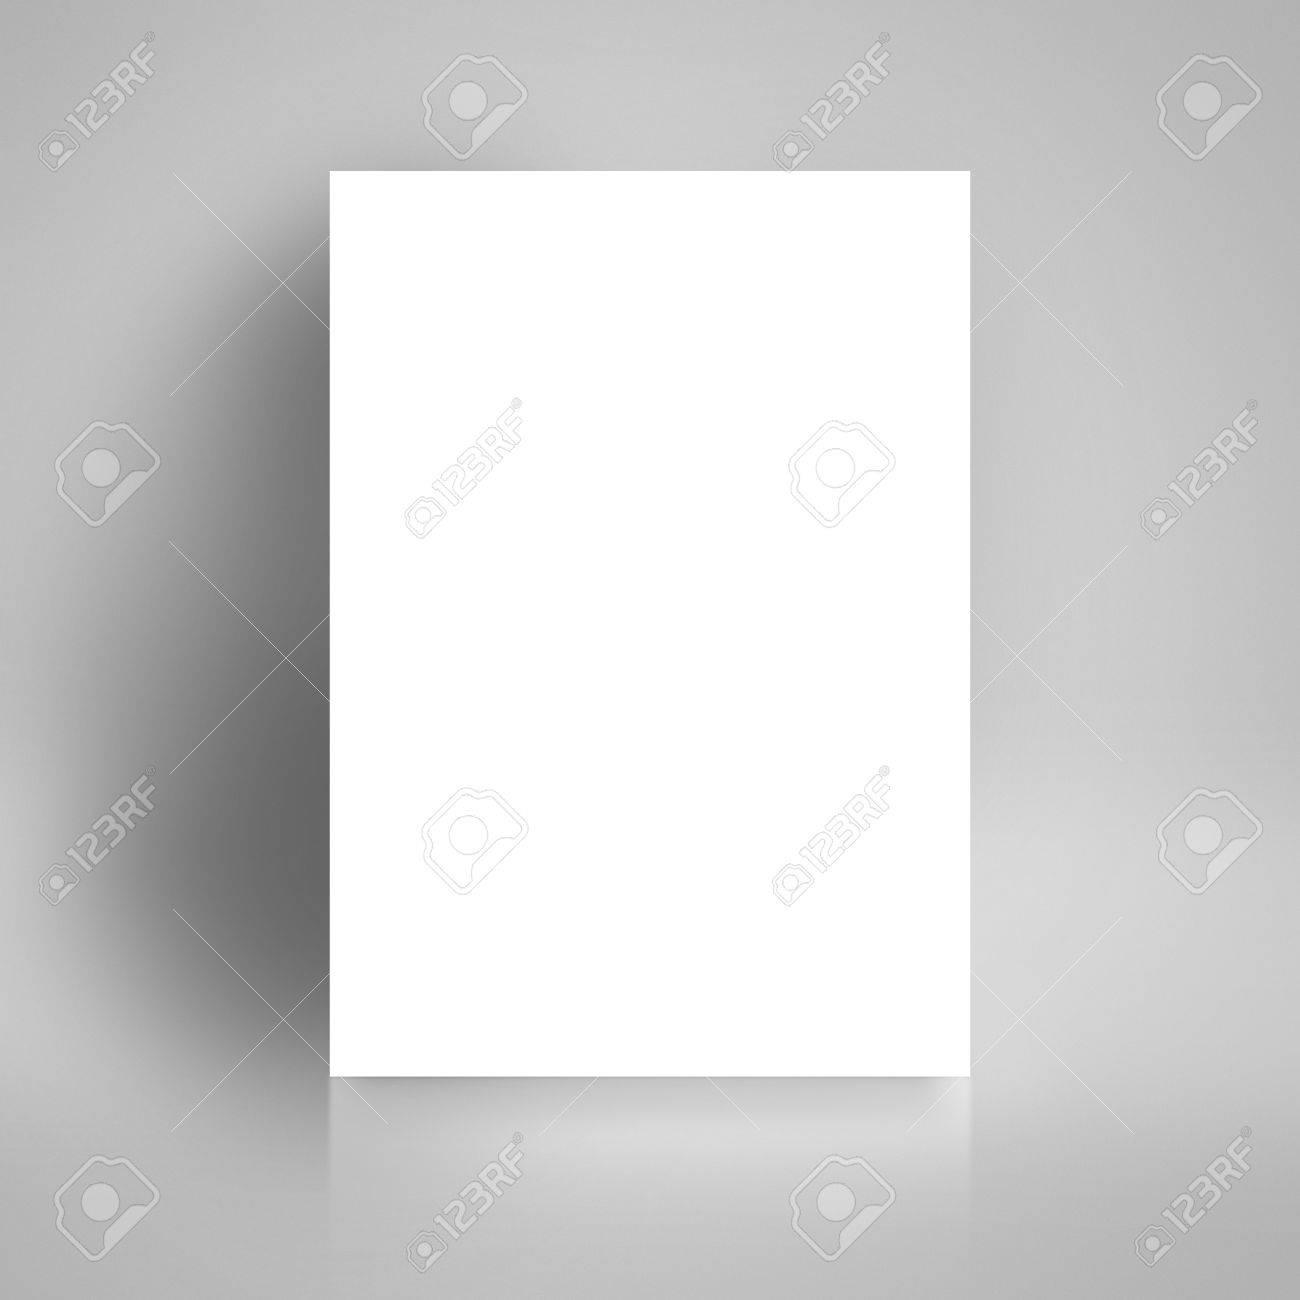 Blank White Paper Poster Stützte Sich Auf Weiße Studio-Raum-Wand Als ...